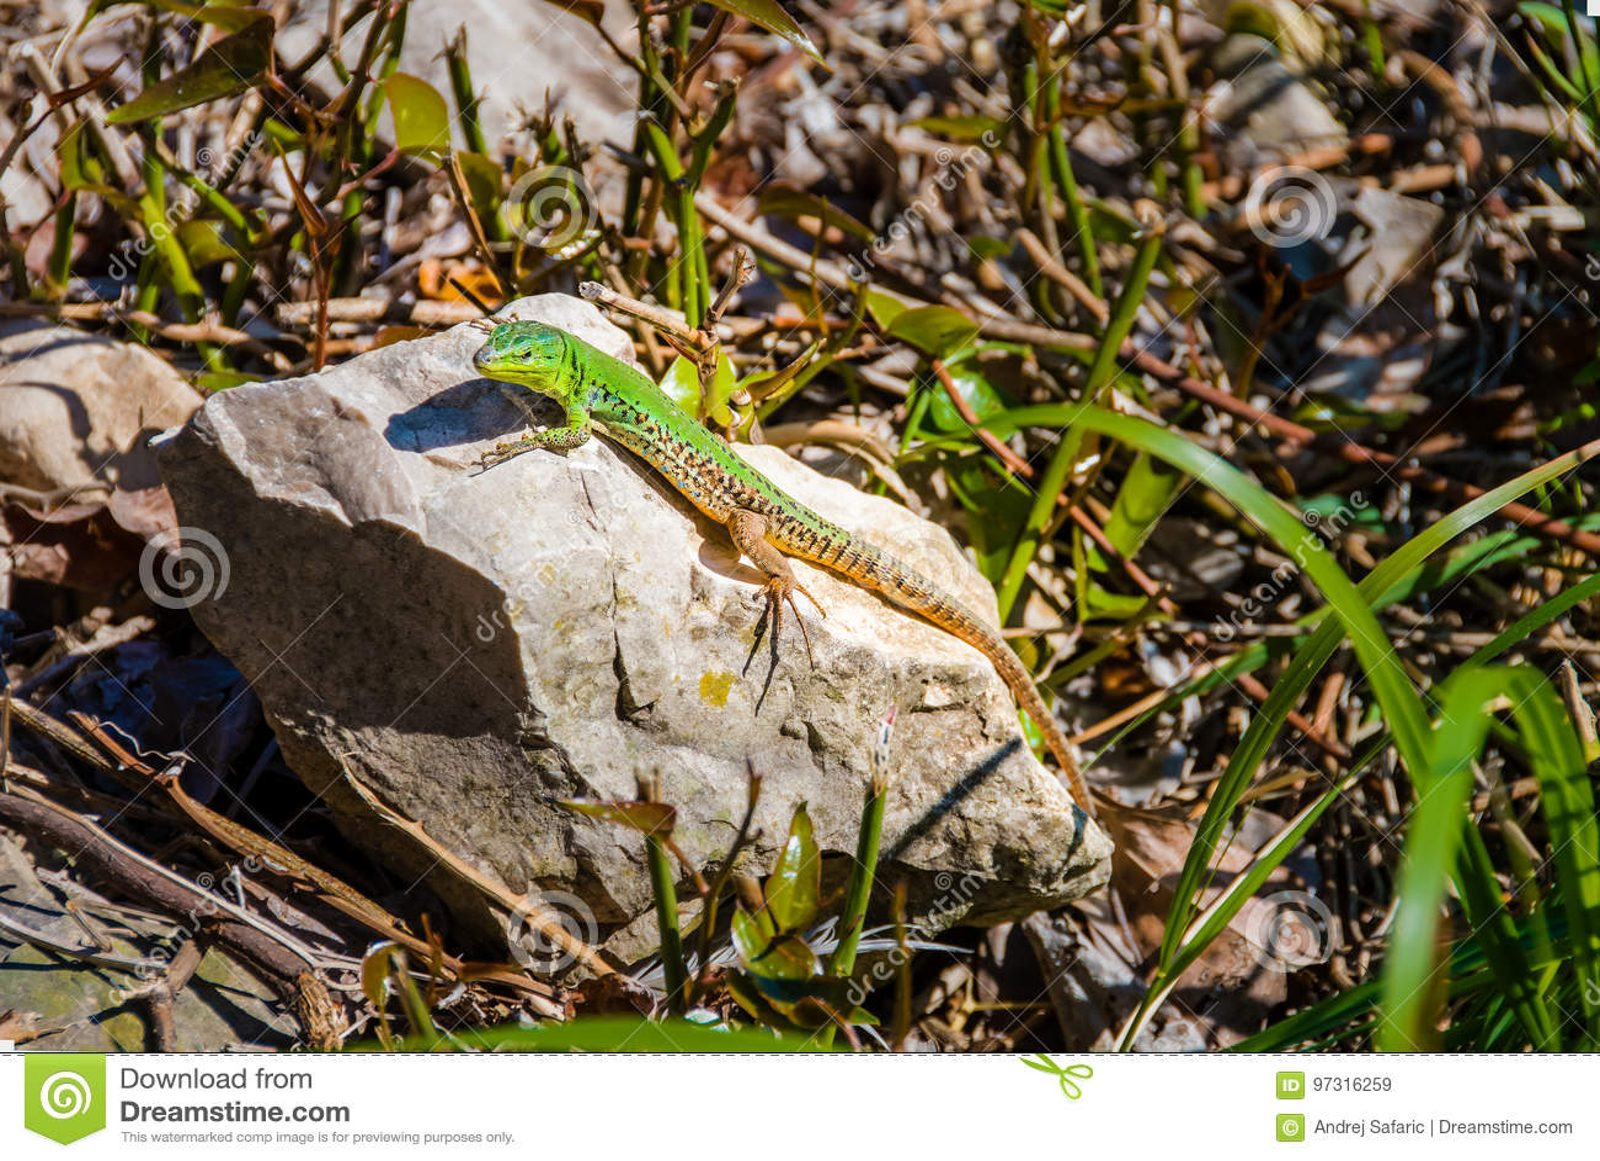 Αρσενικά ευρωπαϊκά πράσινα viridis lacerta σαυρών σε έναν βράχο